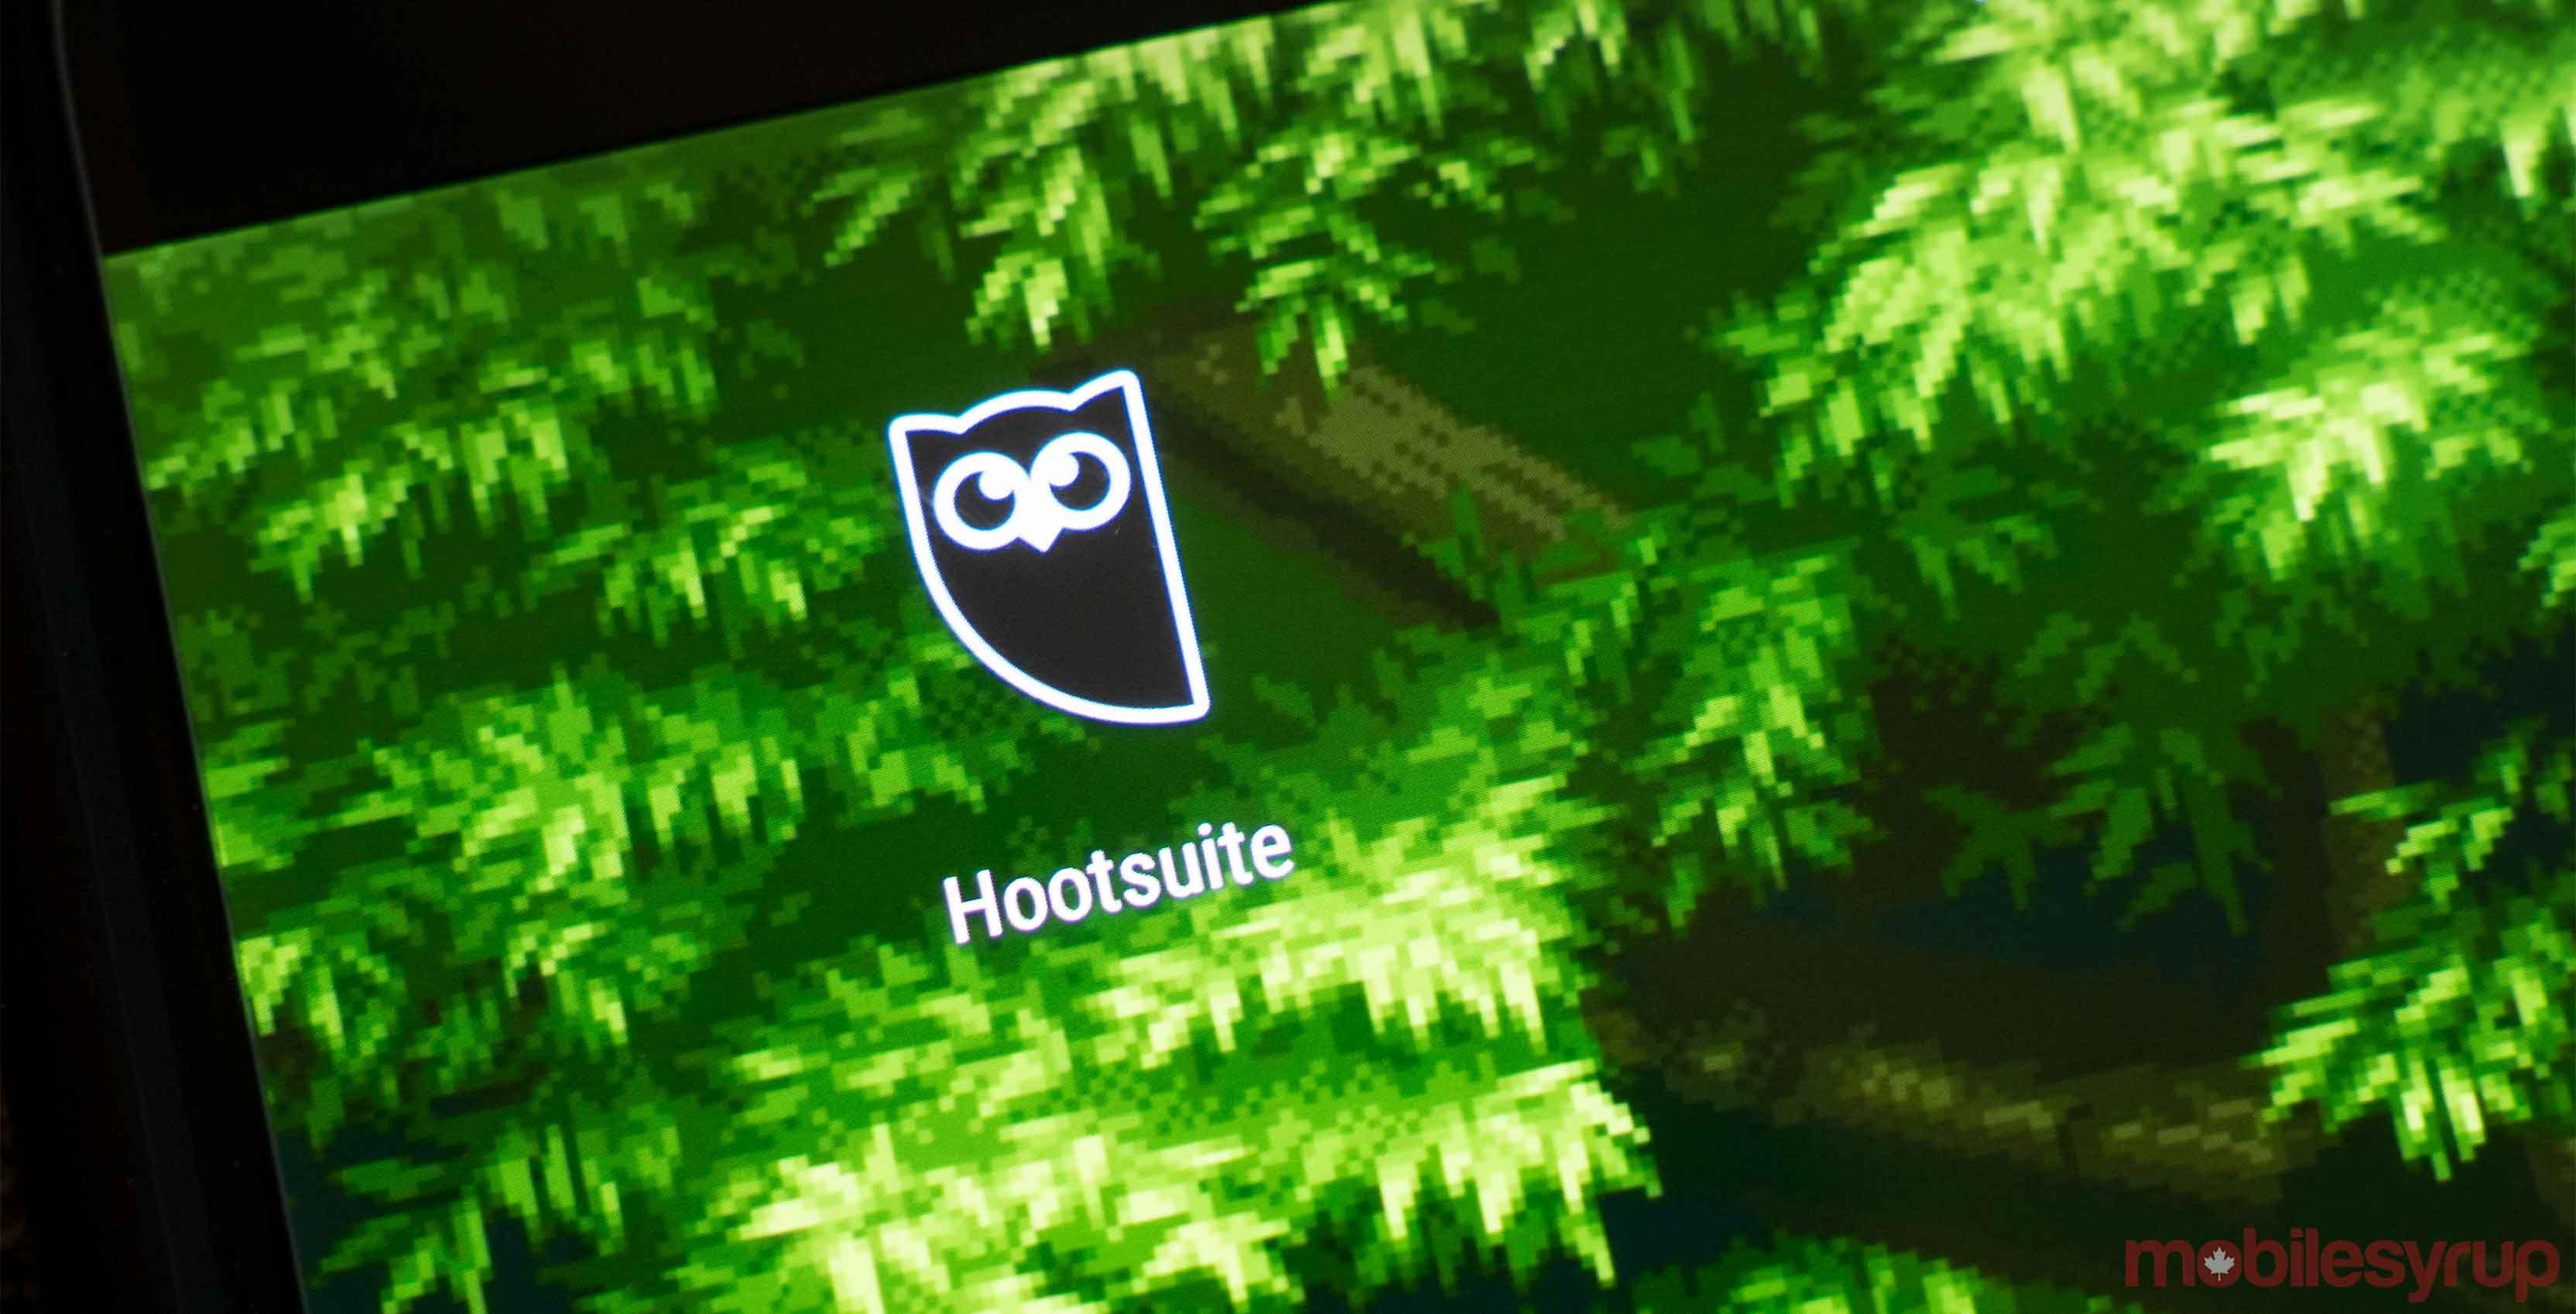 Hootsuite acquires